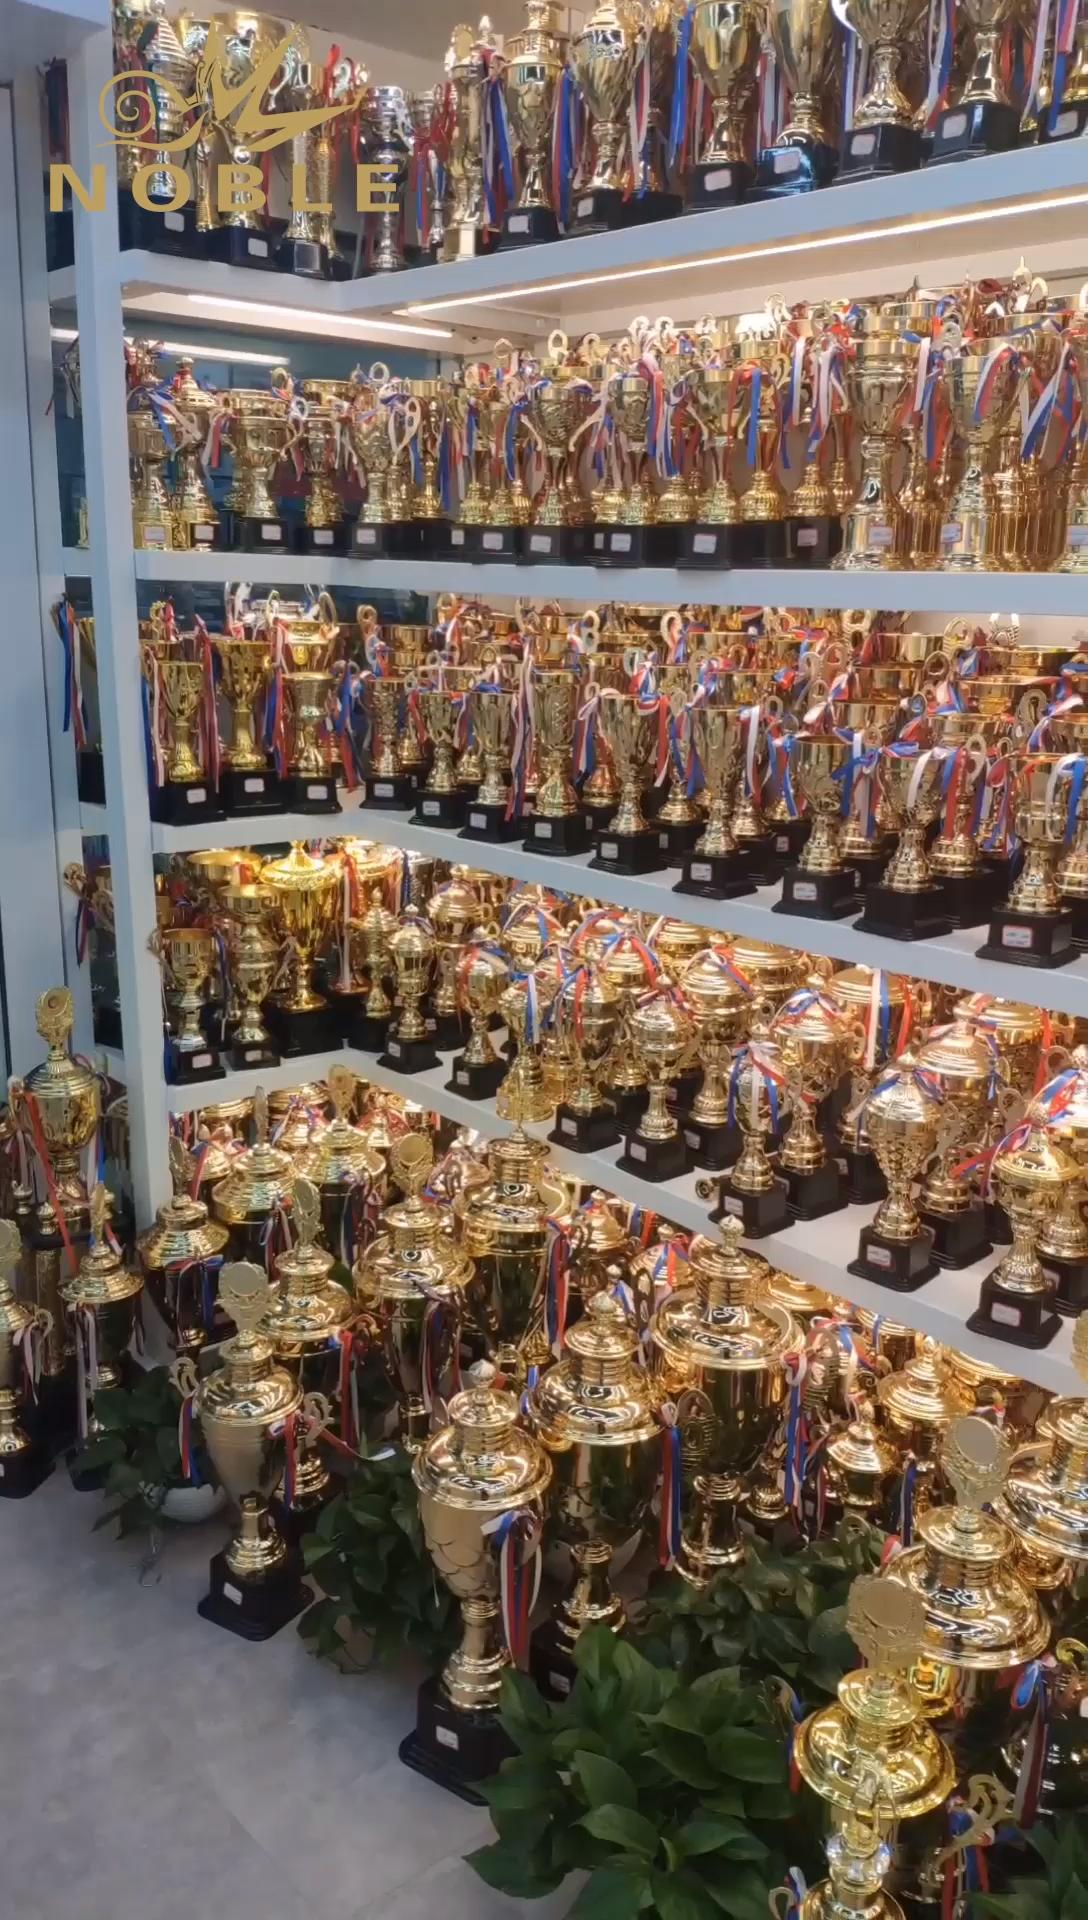 حار بيع الذهب المعادن كأس جائزة الكأس الرياضية